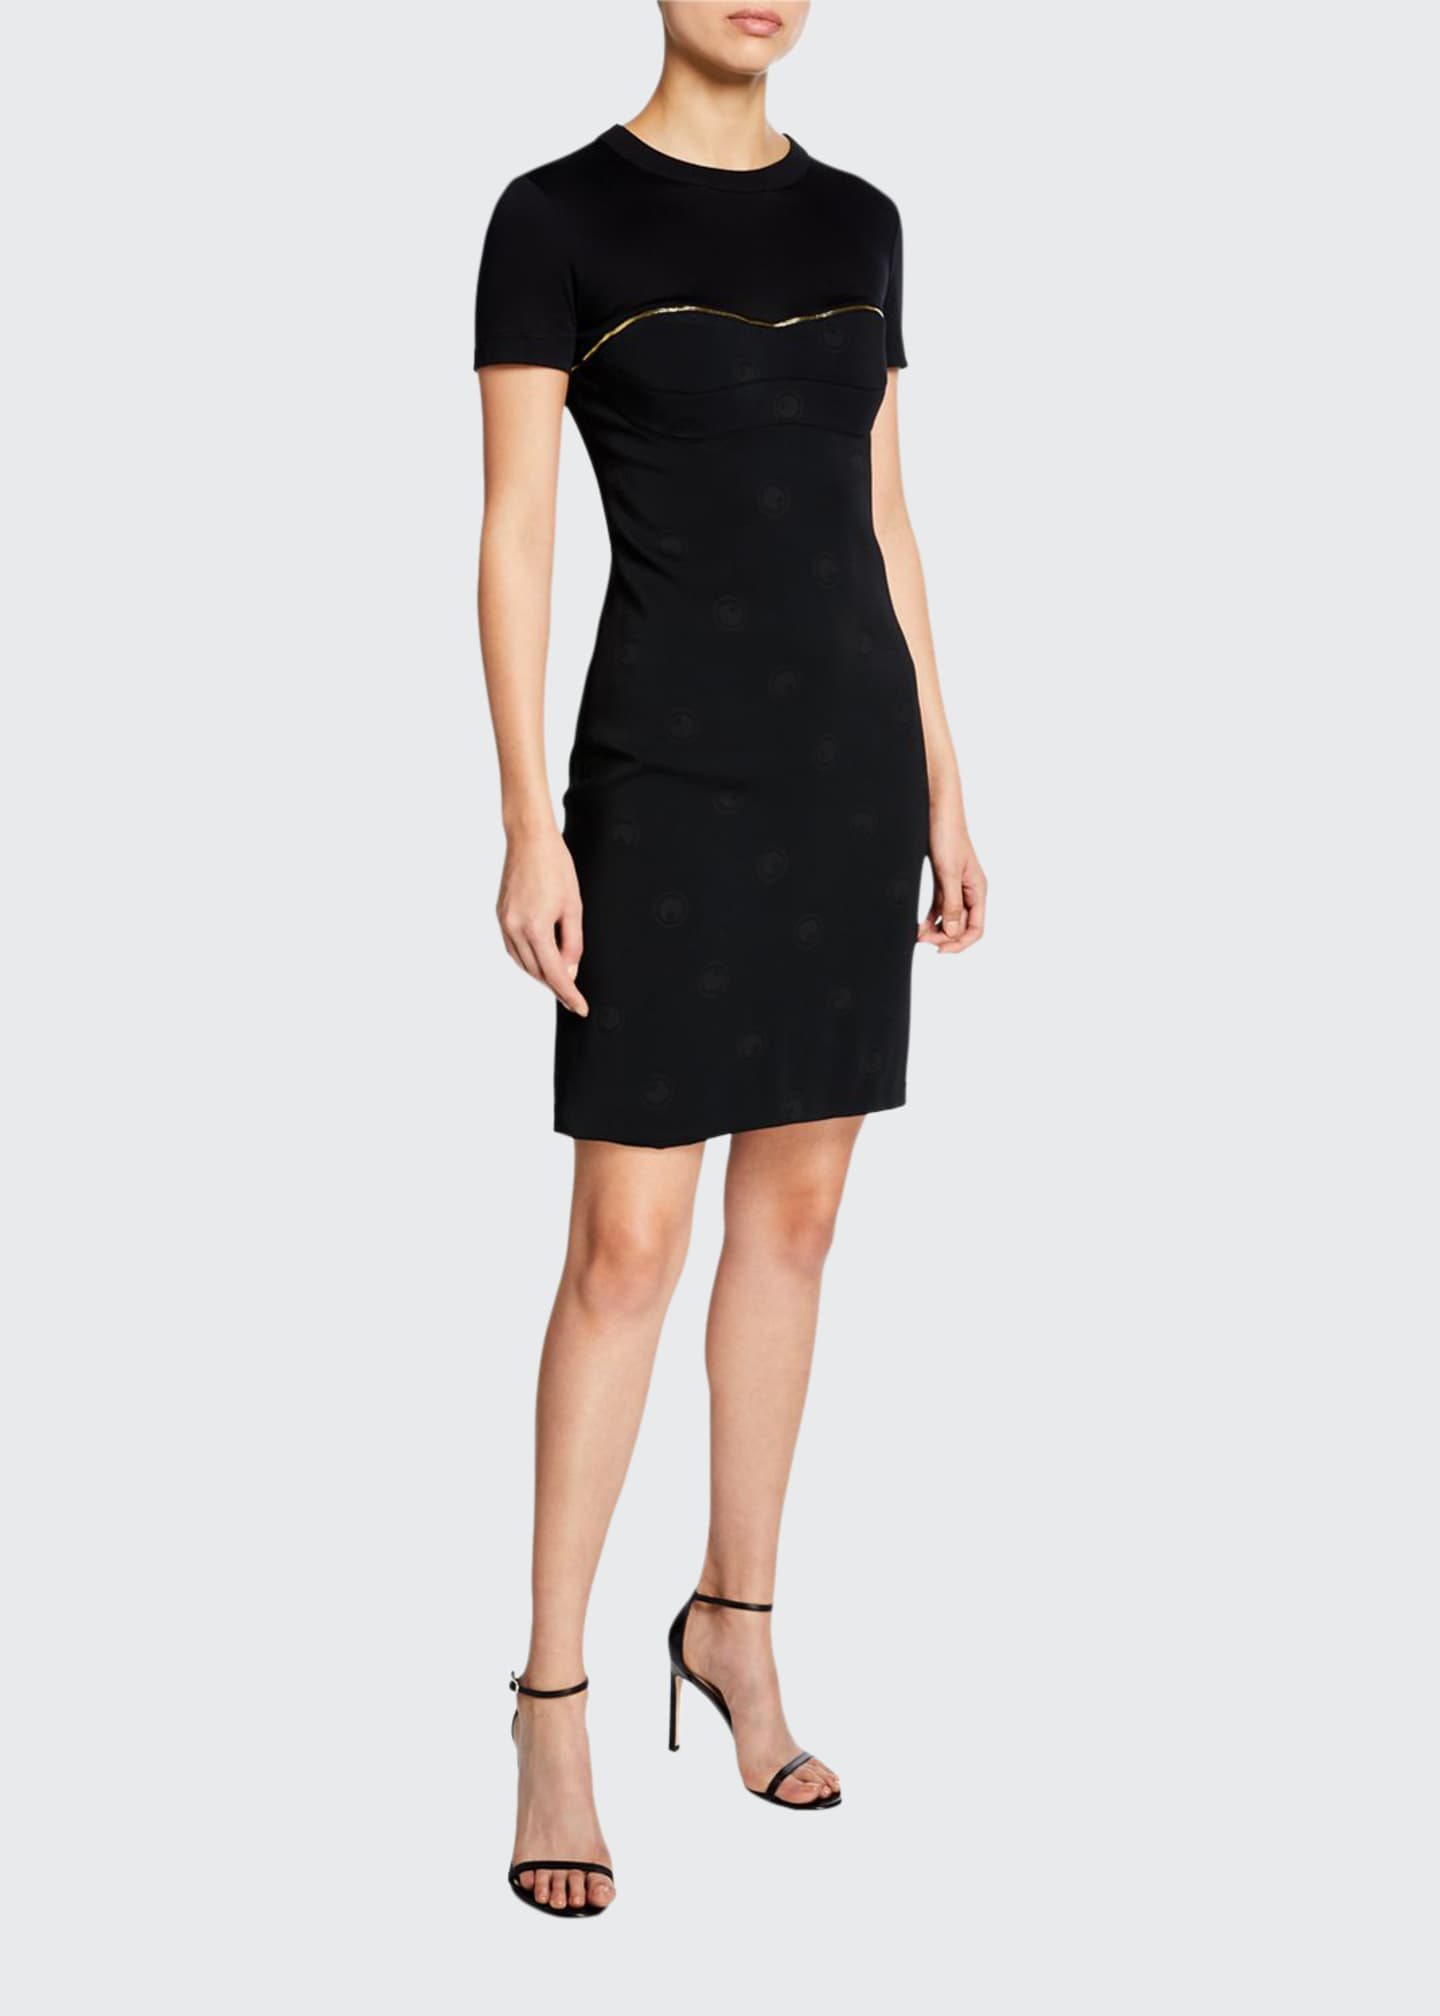 Brandon Maxwell Short-Sleeve Silk Cocktail Dress w/ Golden